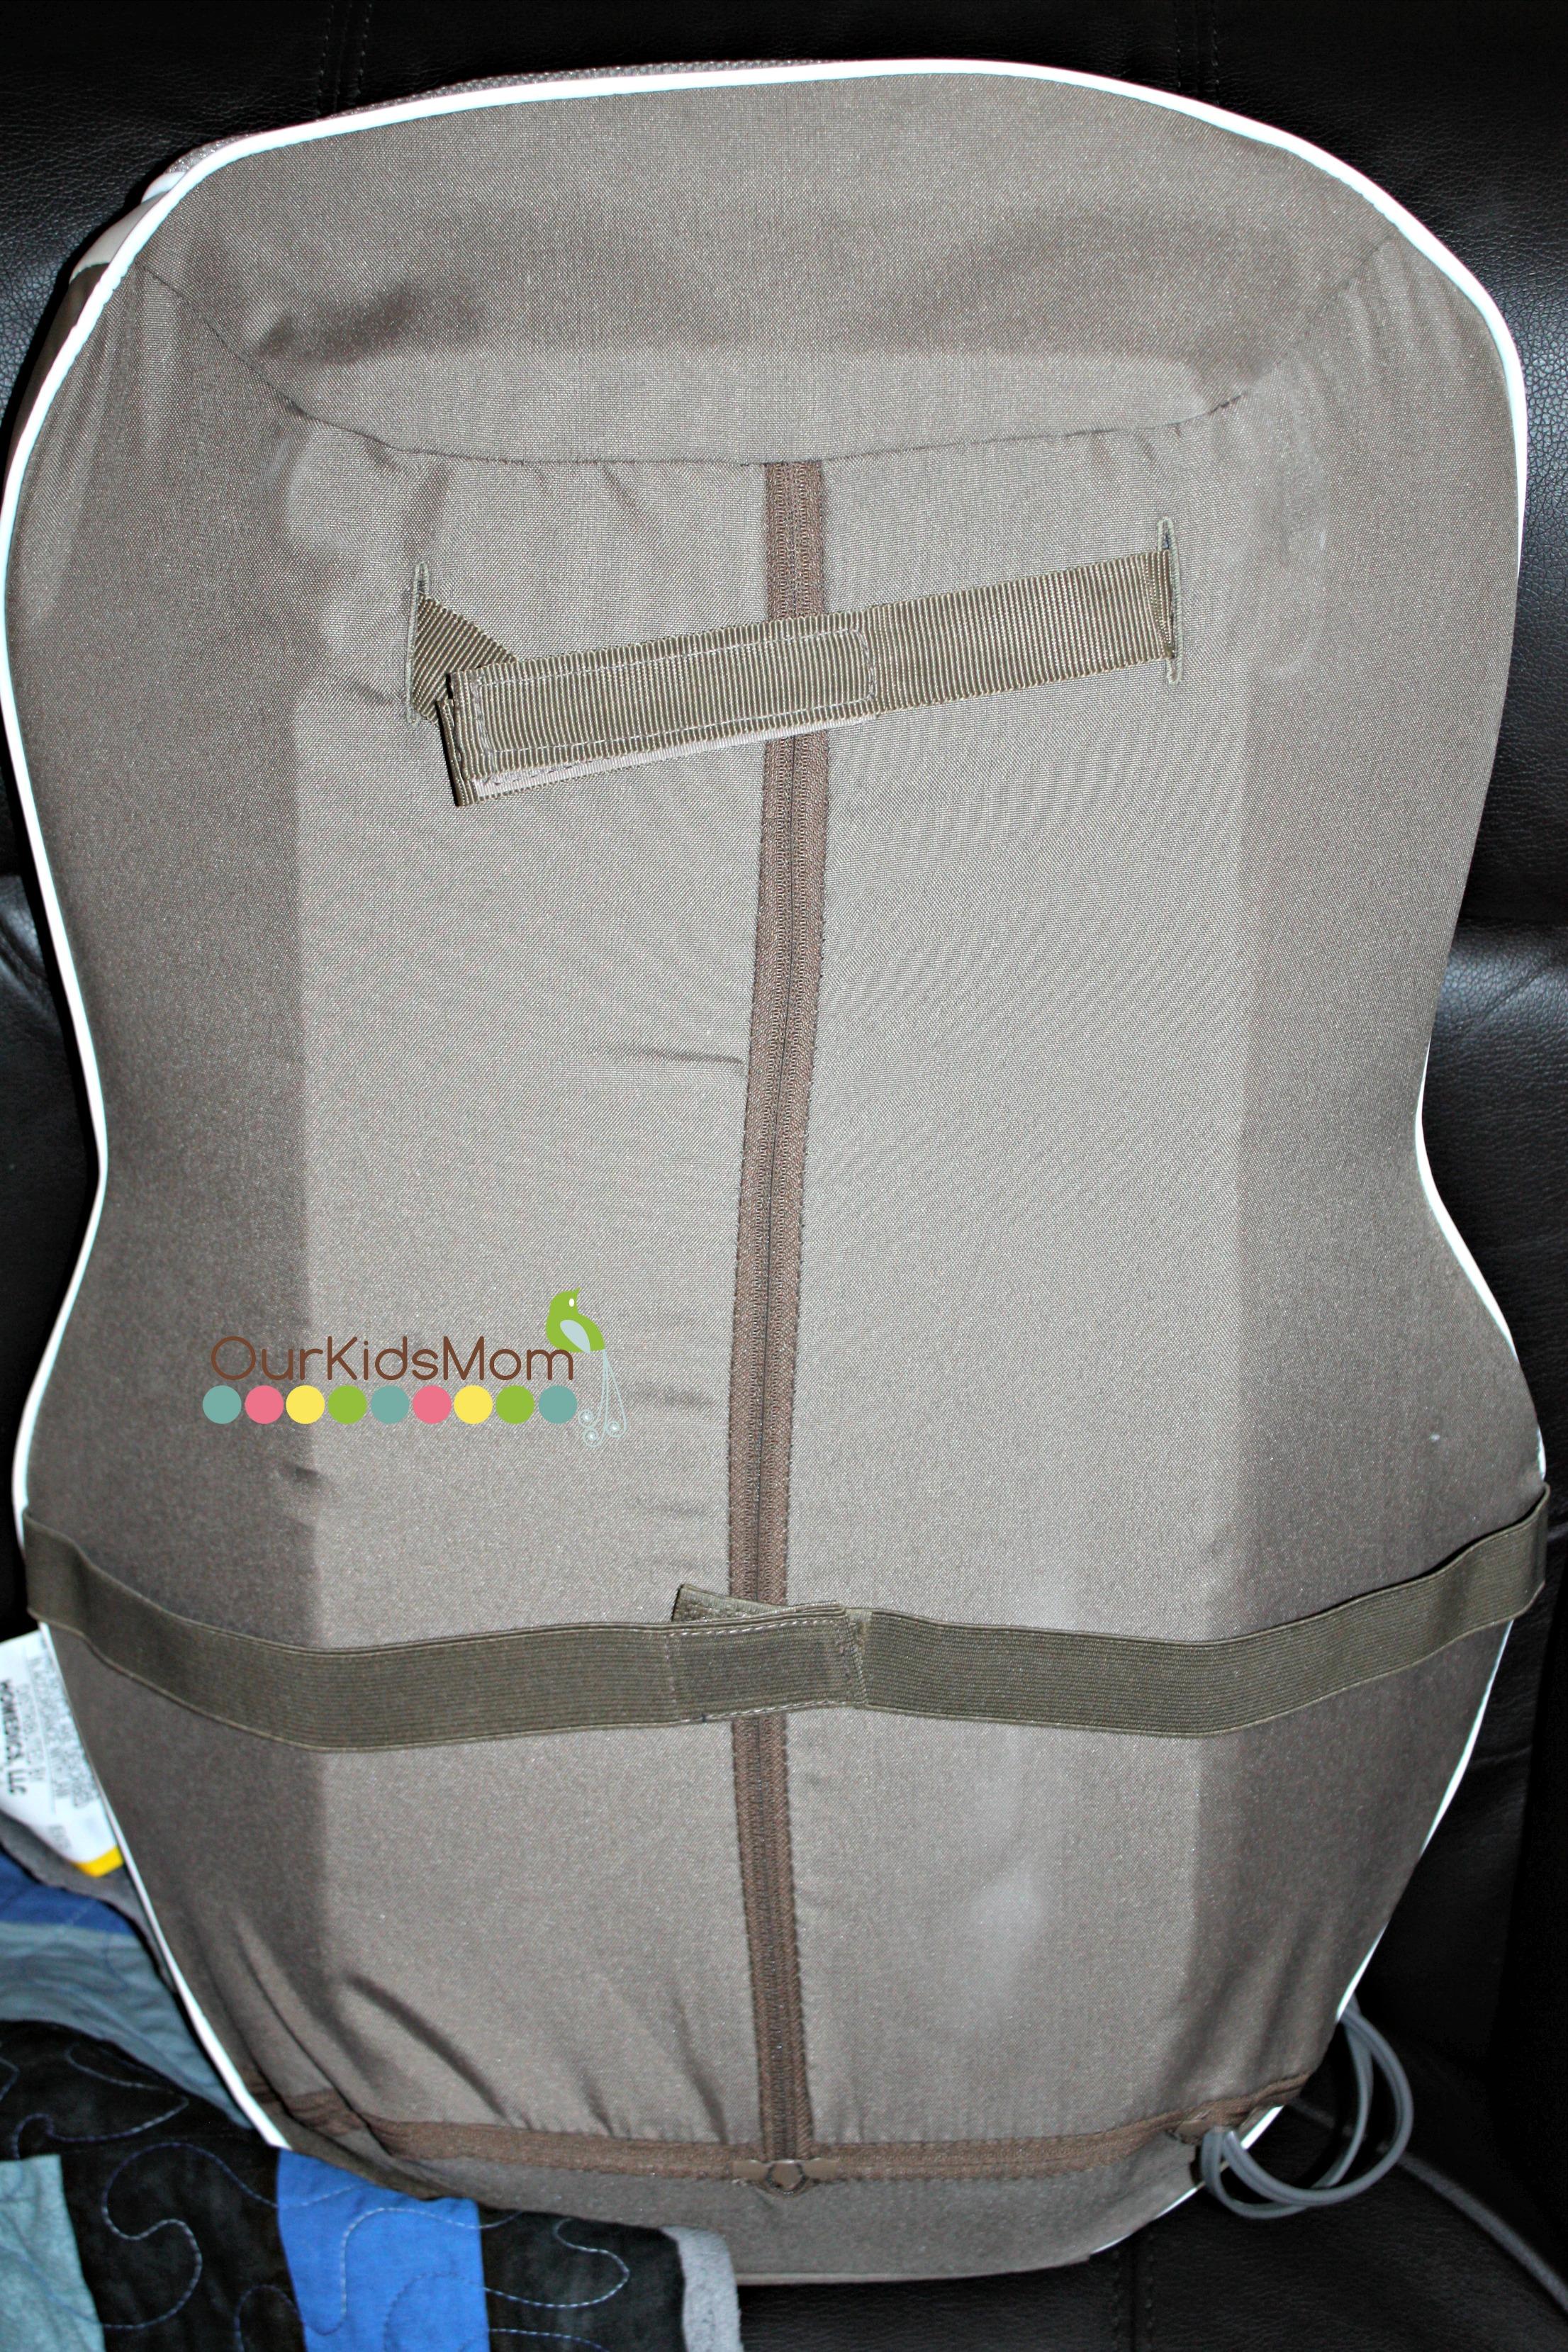 Back of the Massage Cushion